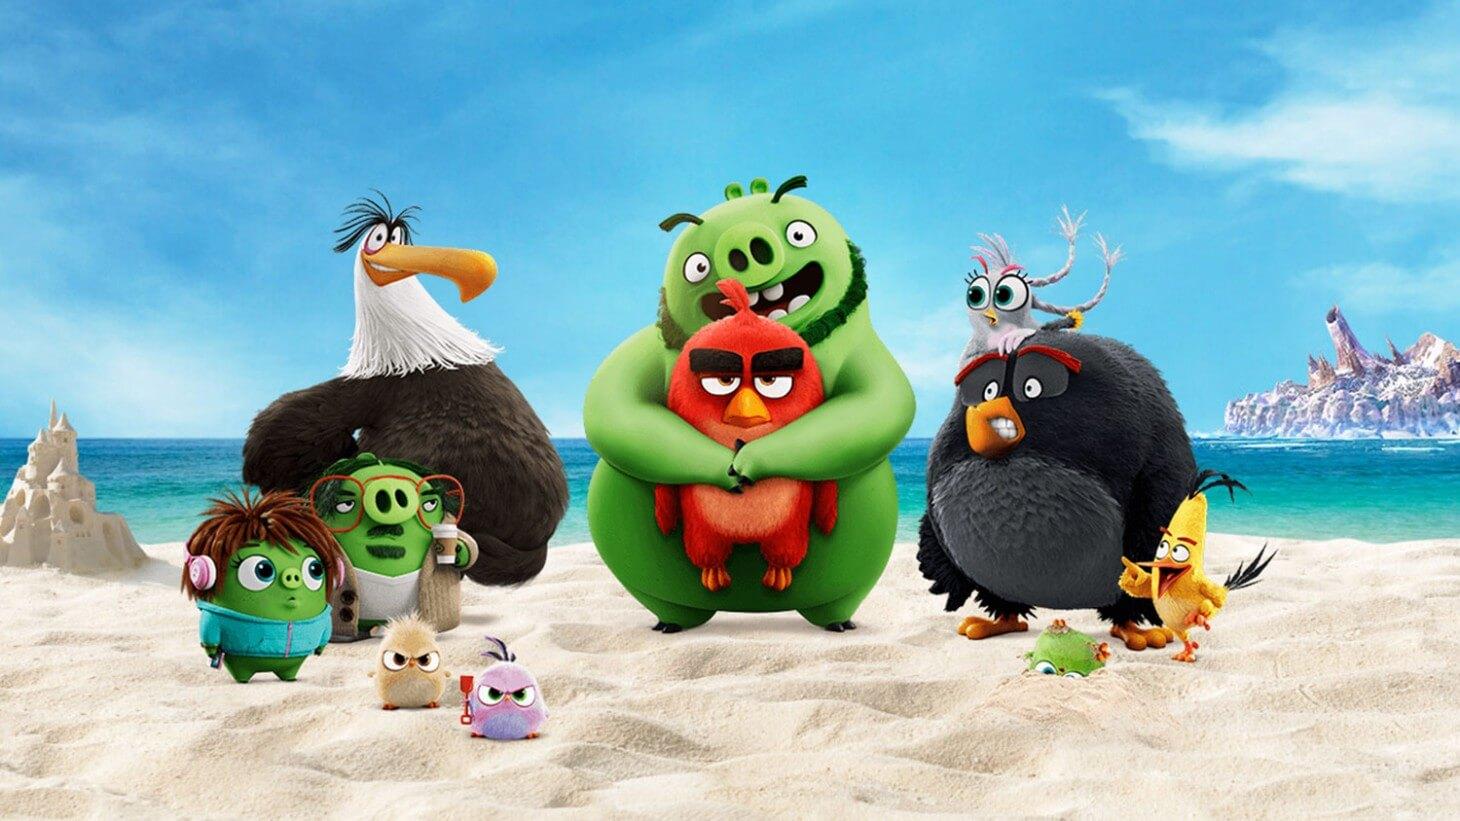 پرندگان خشمگین ۲- داستانی دیگر از شخصیتهای بازی پرطرفدار The Angry Birds